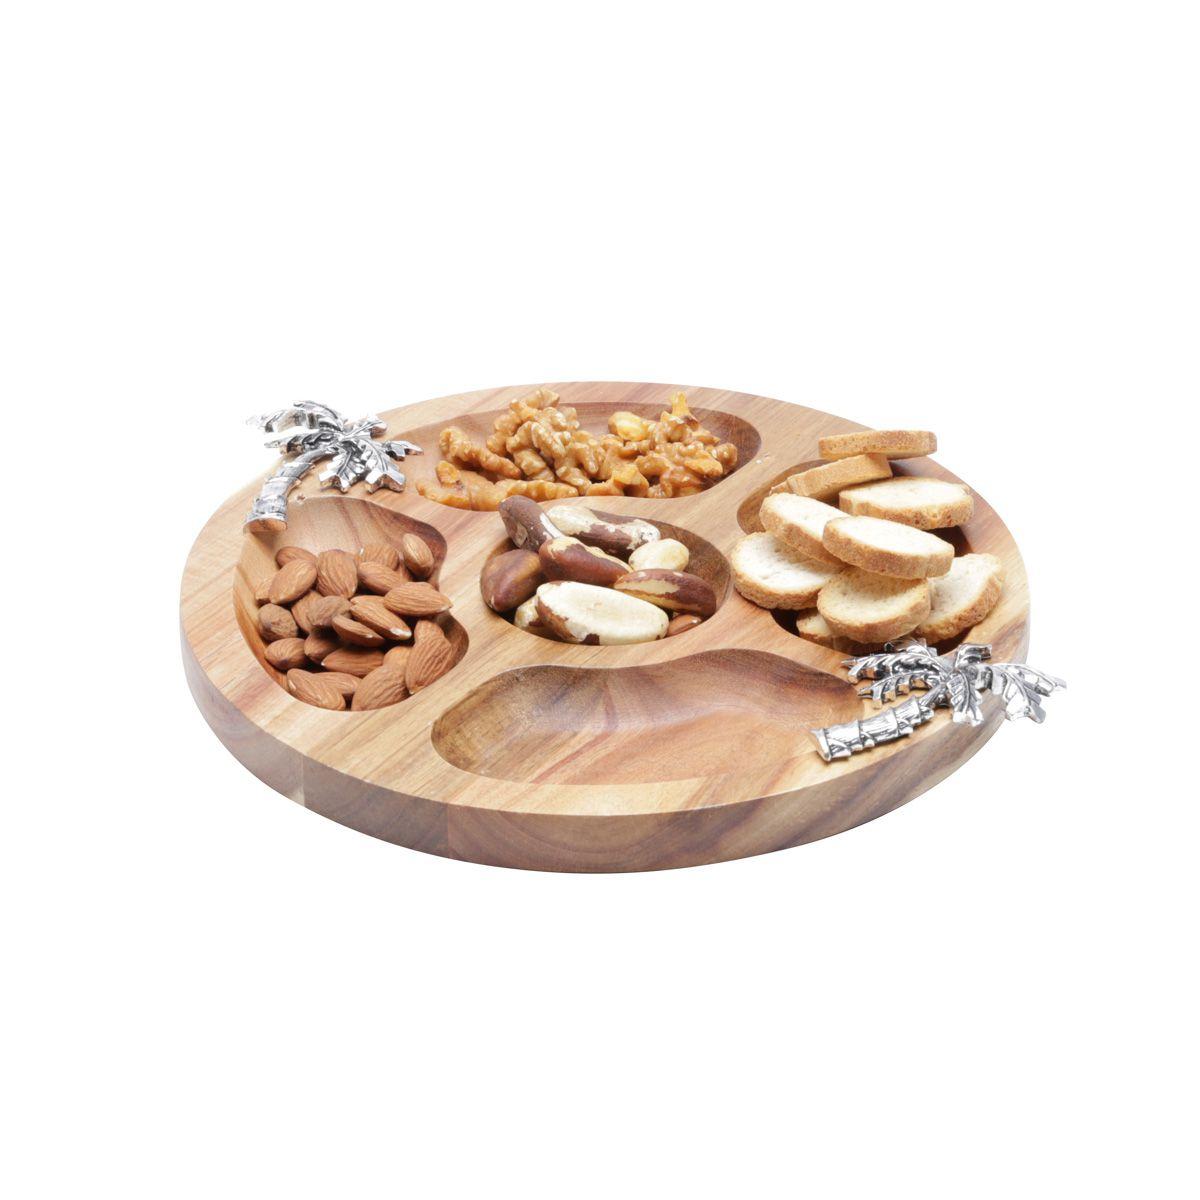 Petisqueira 25 cm redonda de madeira e zamac Acácia Palmeira Bon Gourmet - 26007